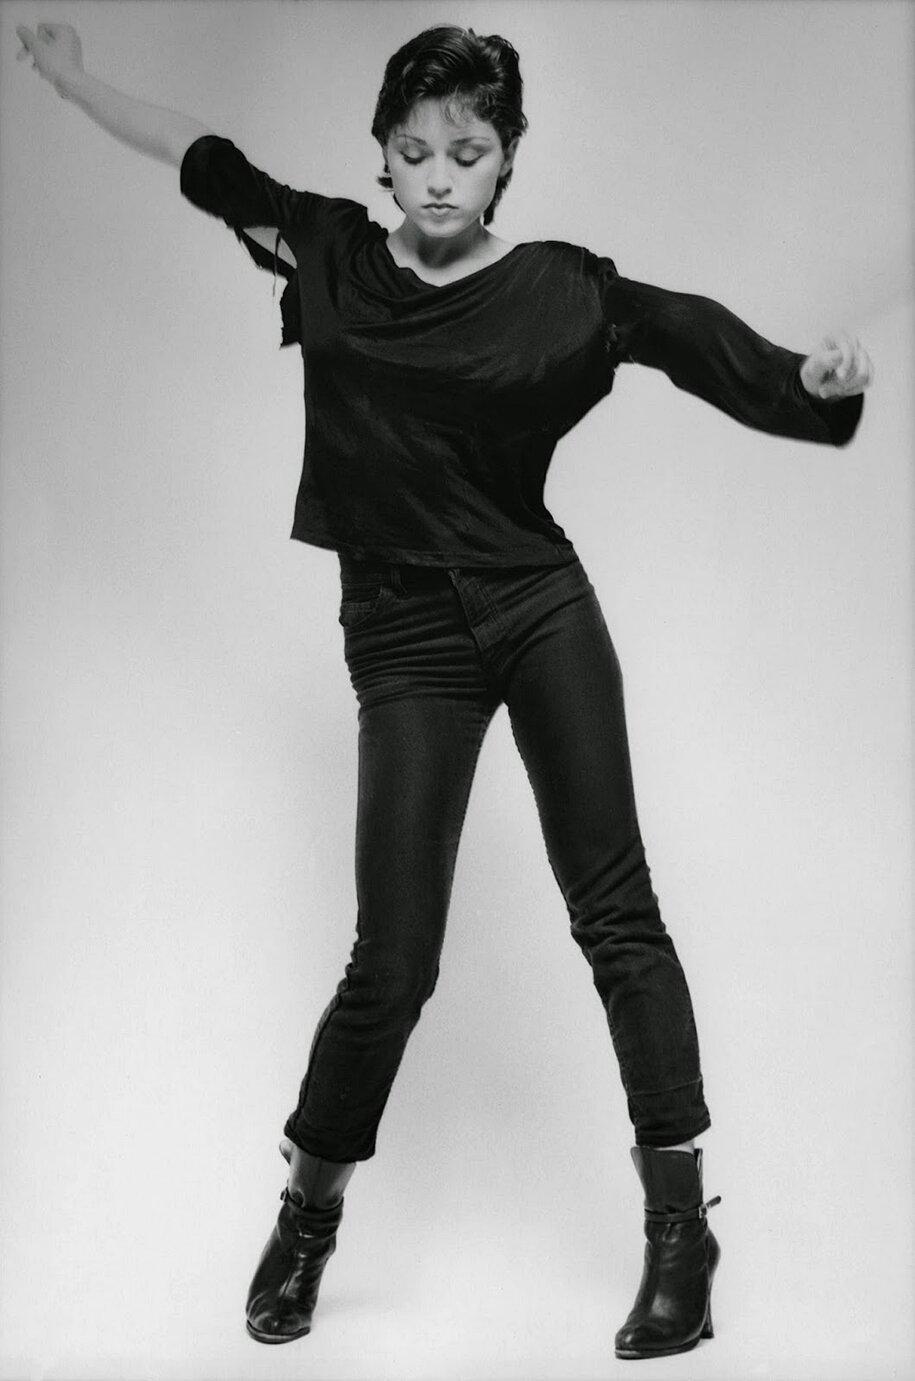 madonna-foto-anni-70-prima-di-diventare-famosa-new-york-02